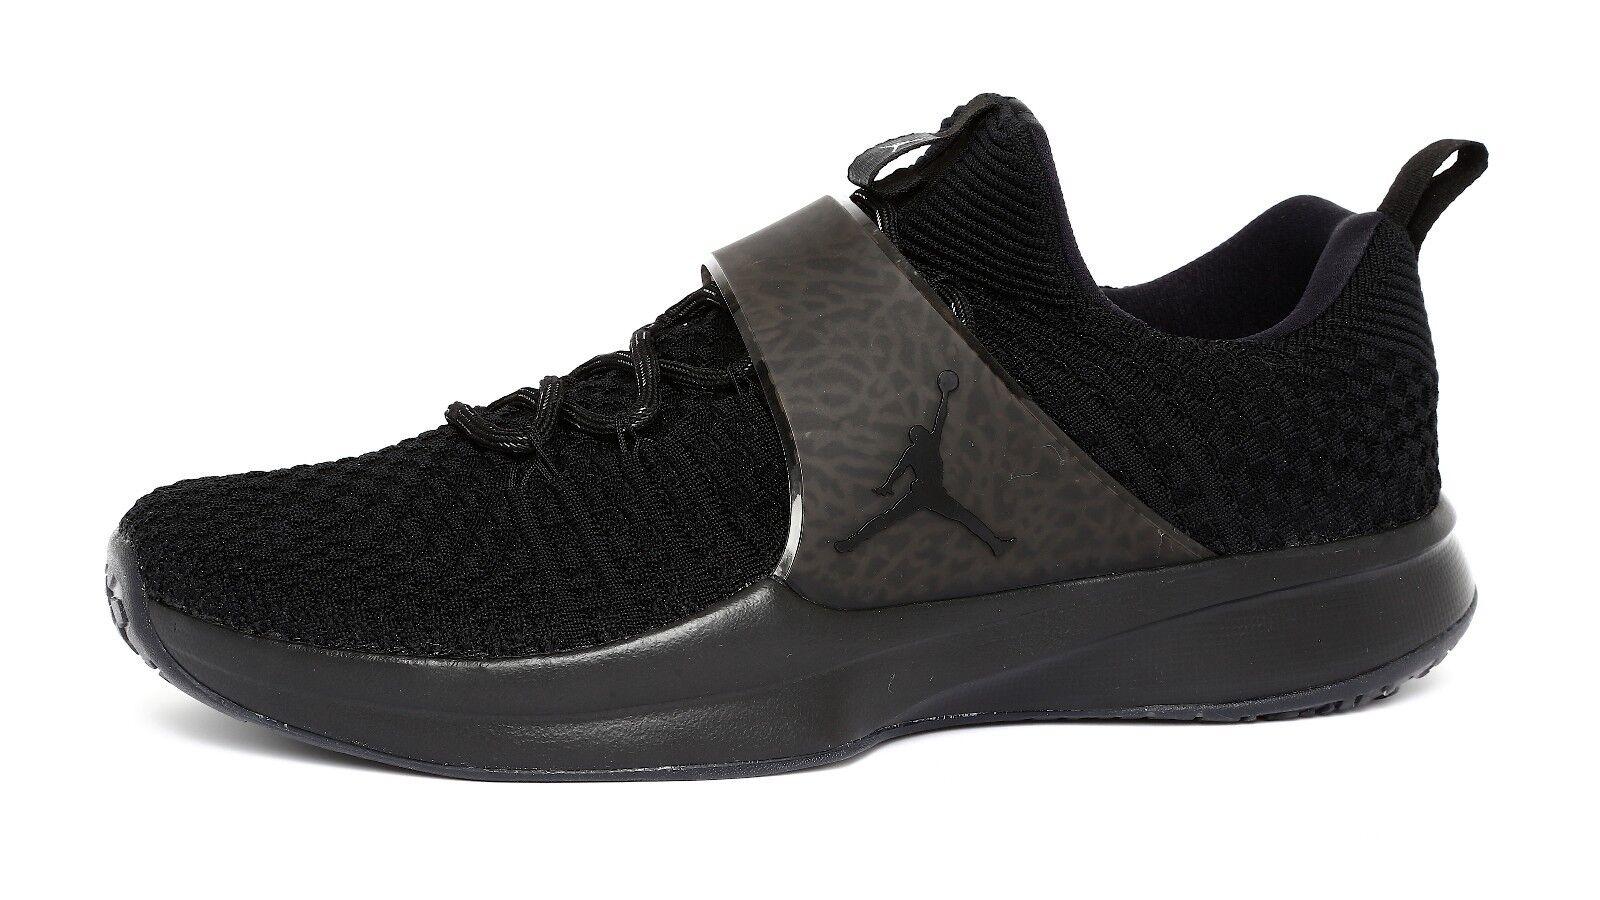 Jordan Trainer 2 Flyknit Black Metallic Silver Mens Sneakers Sz 11 2025